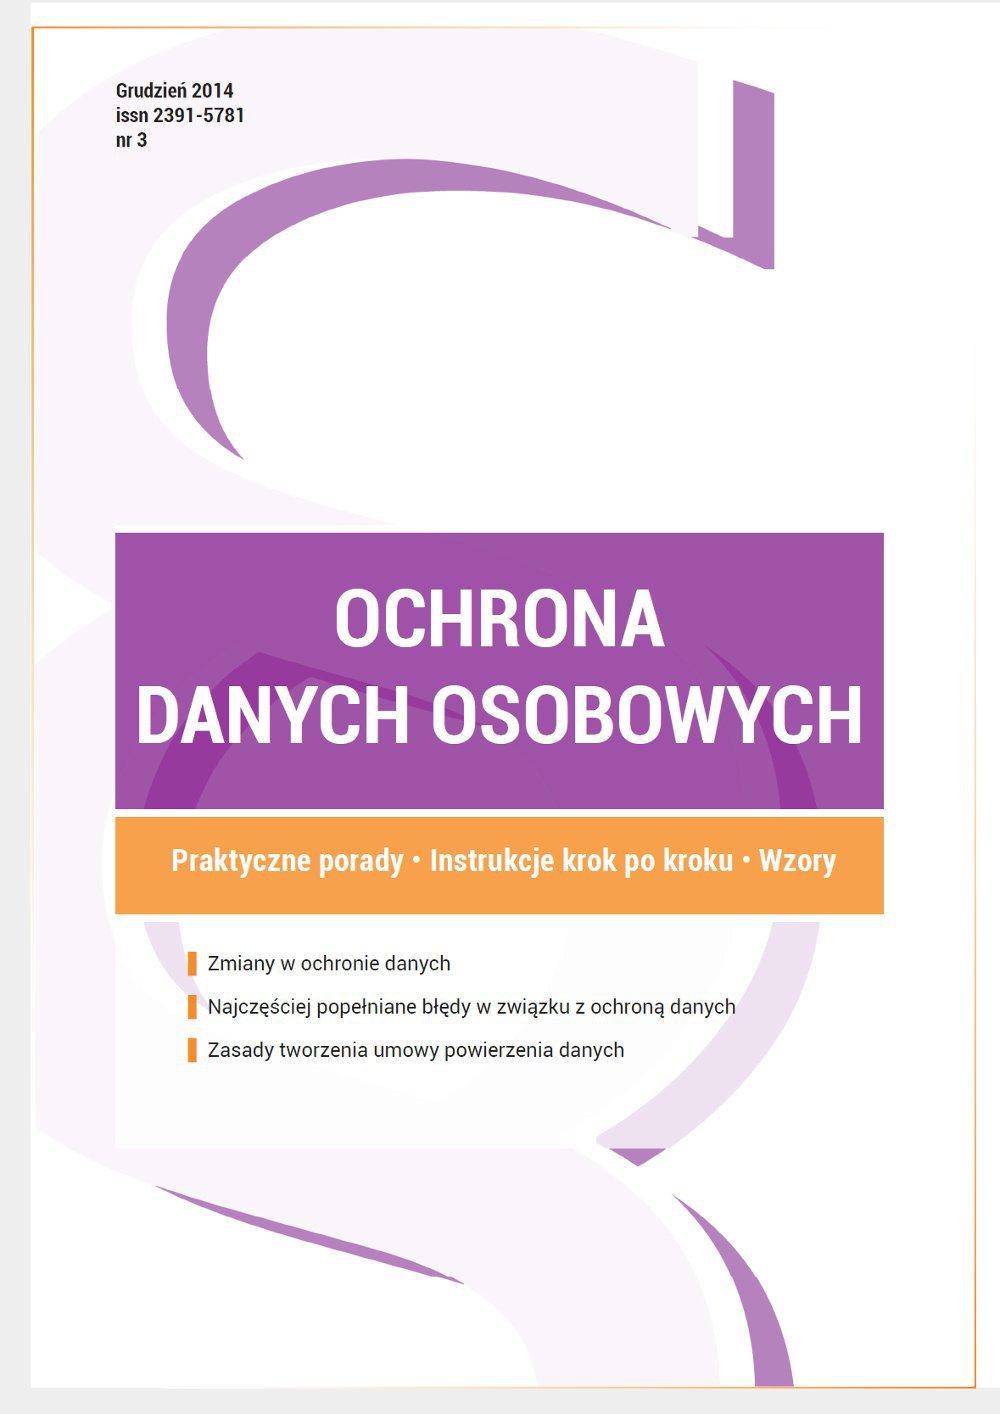 Ochrona danych osobowych - wydanie grudzień 2014 r. - Ebook (Książka na Kindle) do pobrania w formacie MOBI